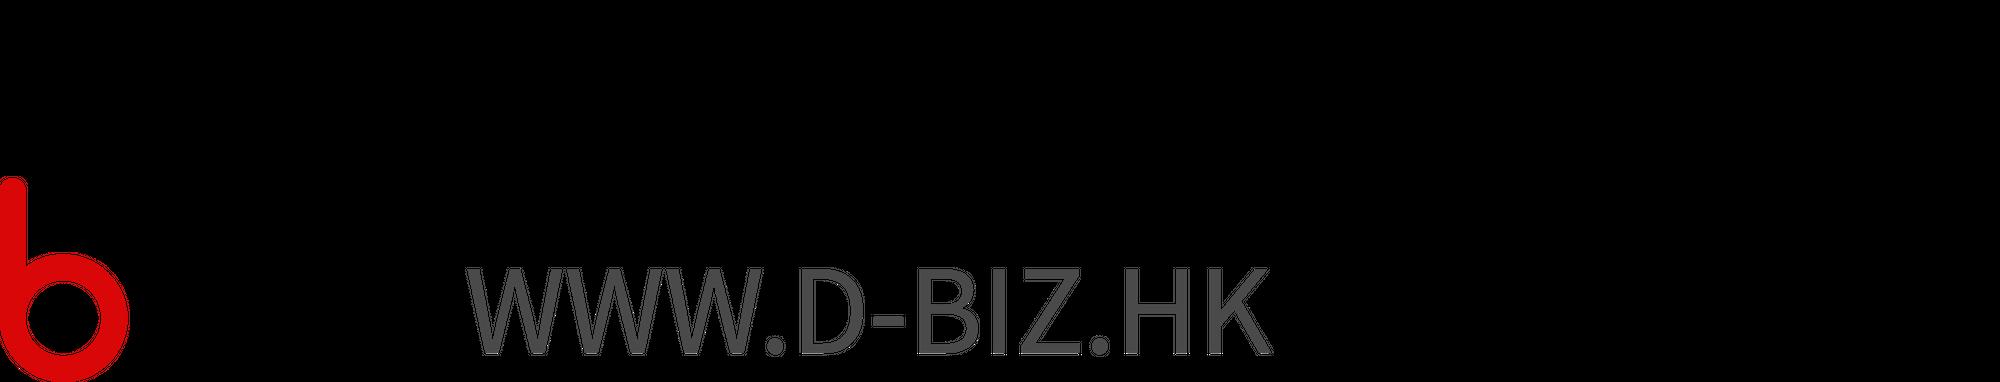 Distance Business Programme (D-Biz)